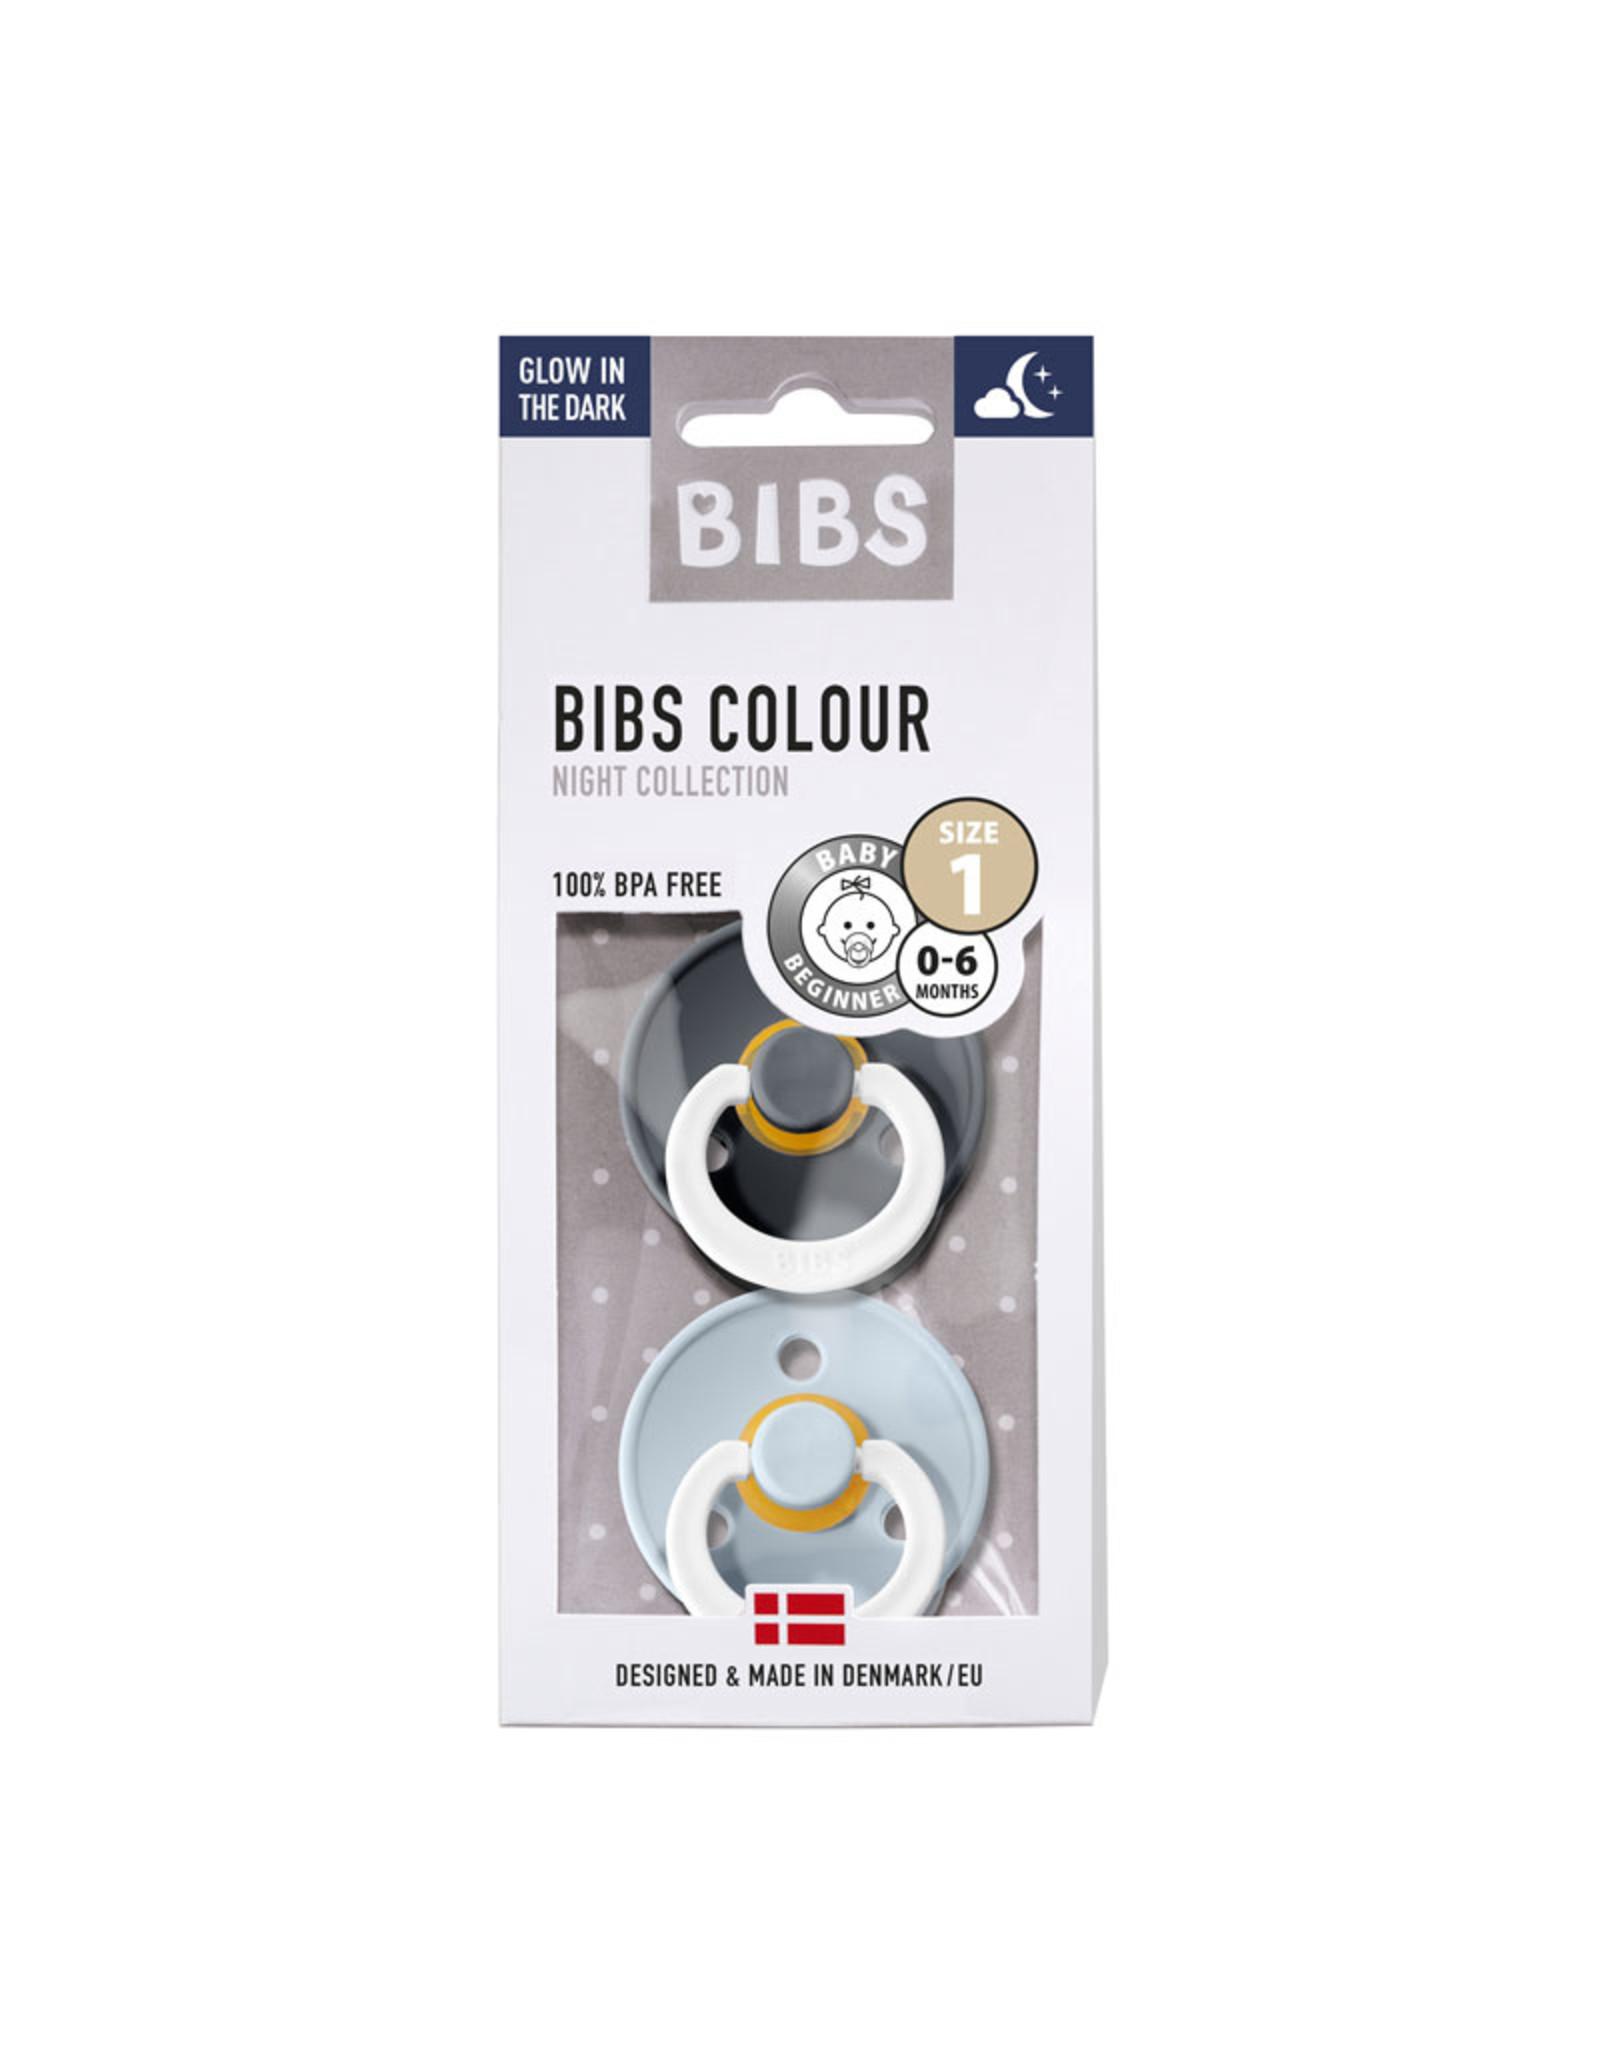 BIBS BIBS Fopspeen Duopack Glow in the dark Iron/Babyblue Maat 1